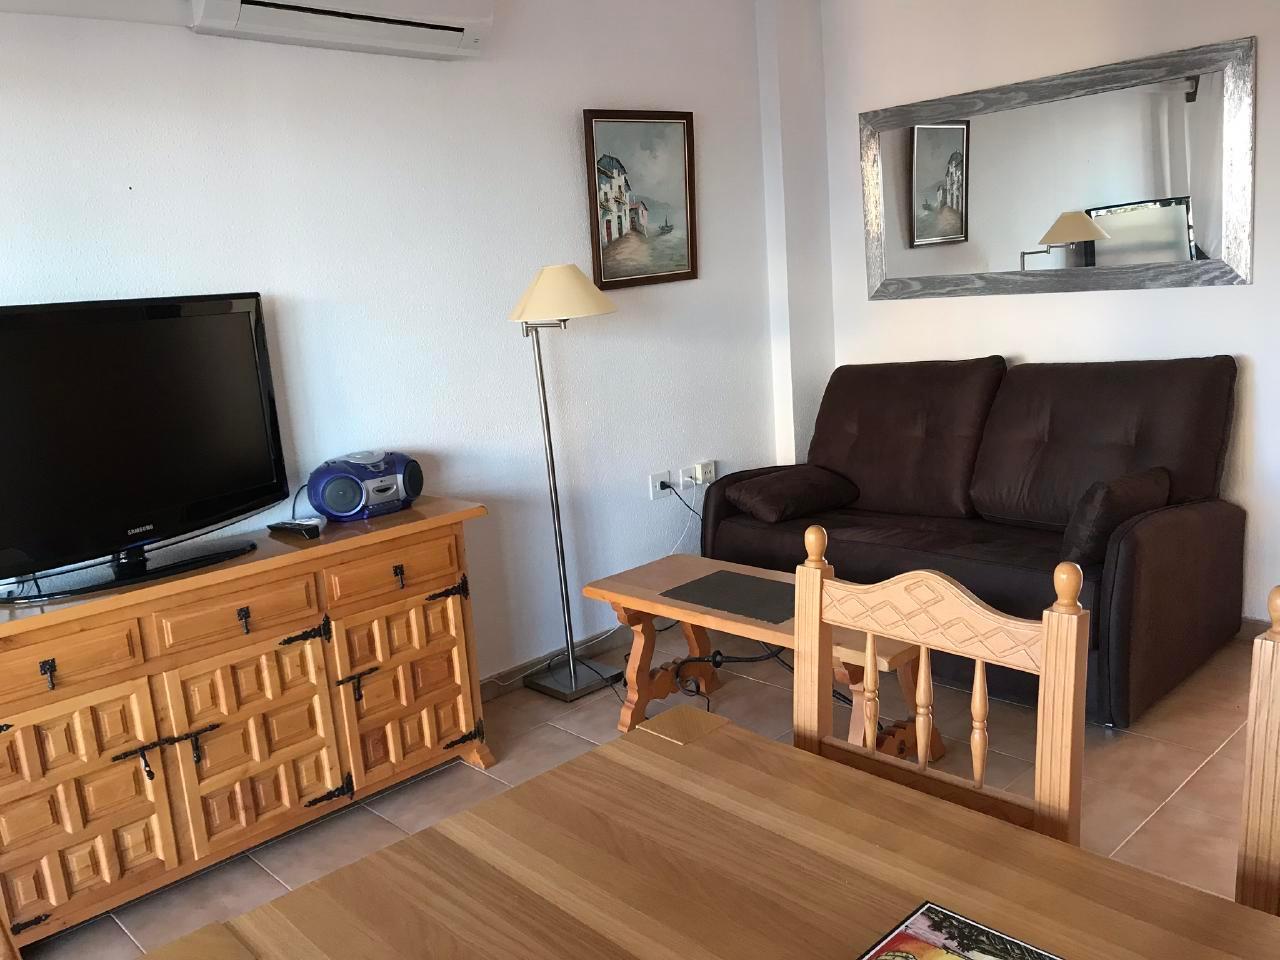 Ferienwohnung Sonnige 3.5 Zi-Wohnung am Meer (1026876), Torrevieja, Costa Blanca, Valencia, Spanien, Bild 8